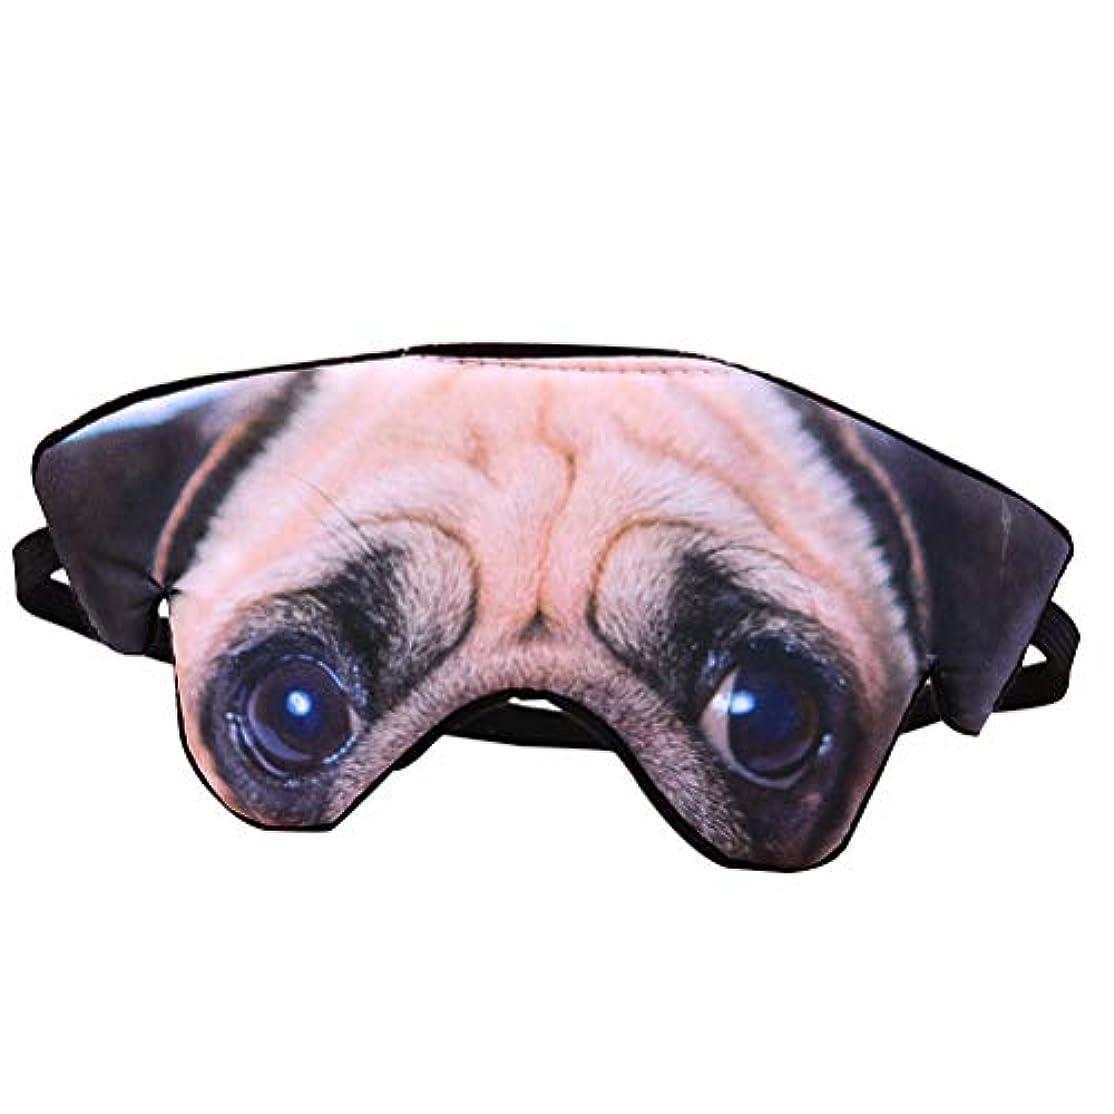 主導権アラブ人そよ風HEALIFTY 睡眠目隠し3D犬のパターンアイマスクファニーシェードナップカバー目隠し睡眠マスク目の眠りゴーグル(Pug)